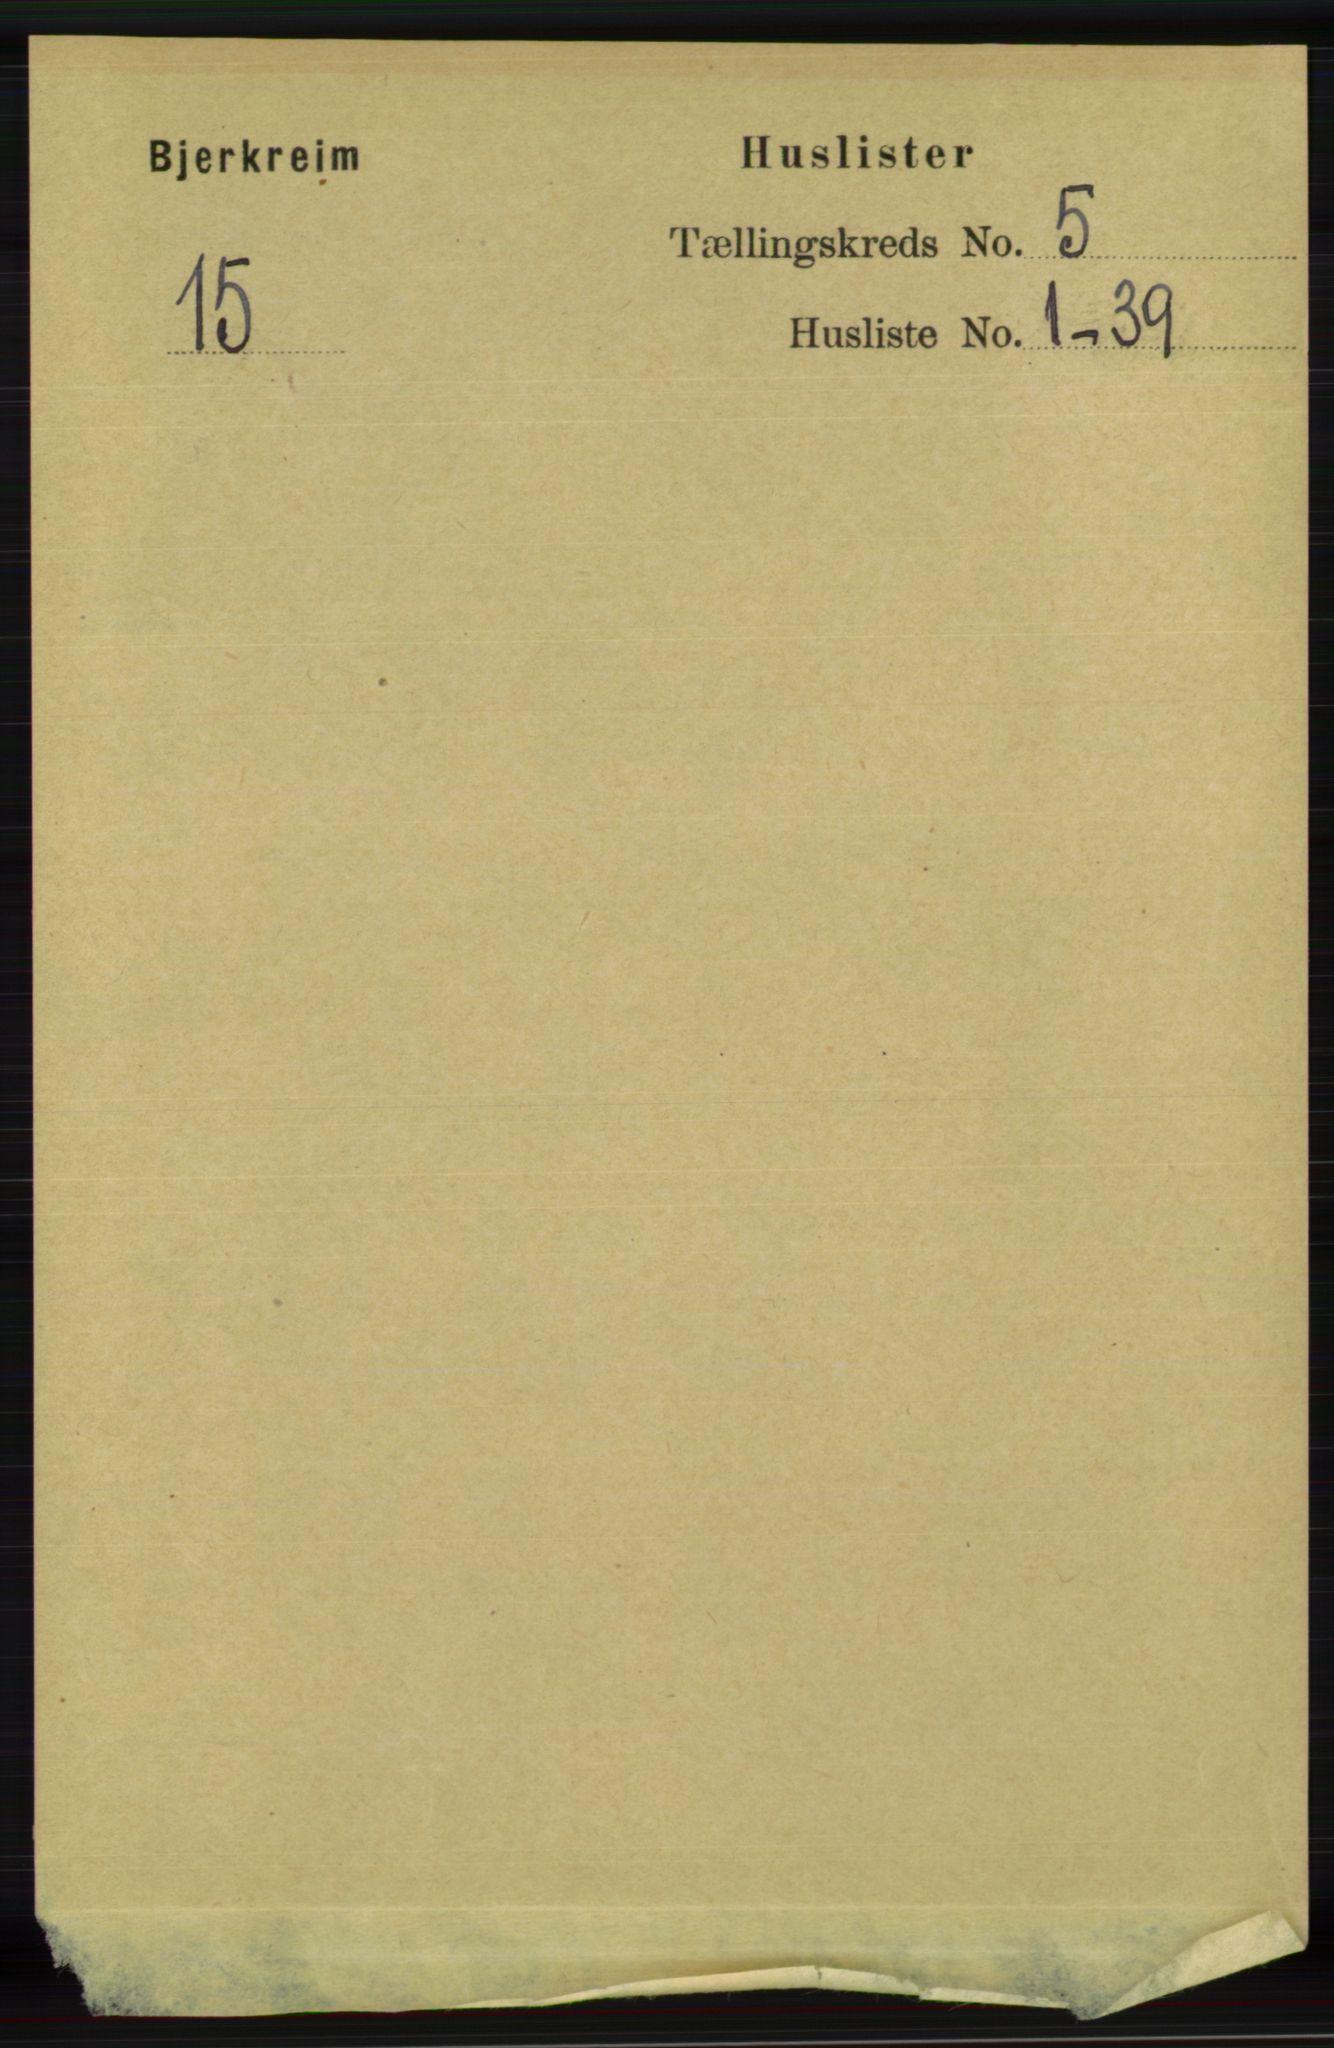 RA, Folketelling 1891 for 1114 Bjerkreim herred, 1891, s. 1652